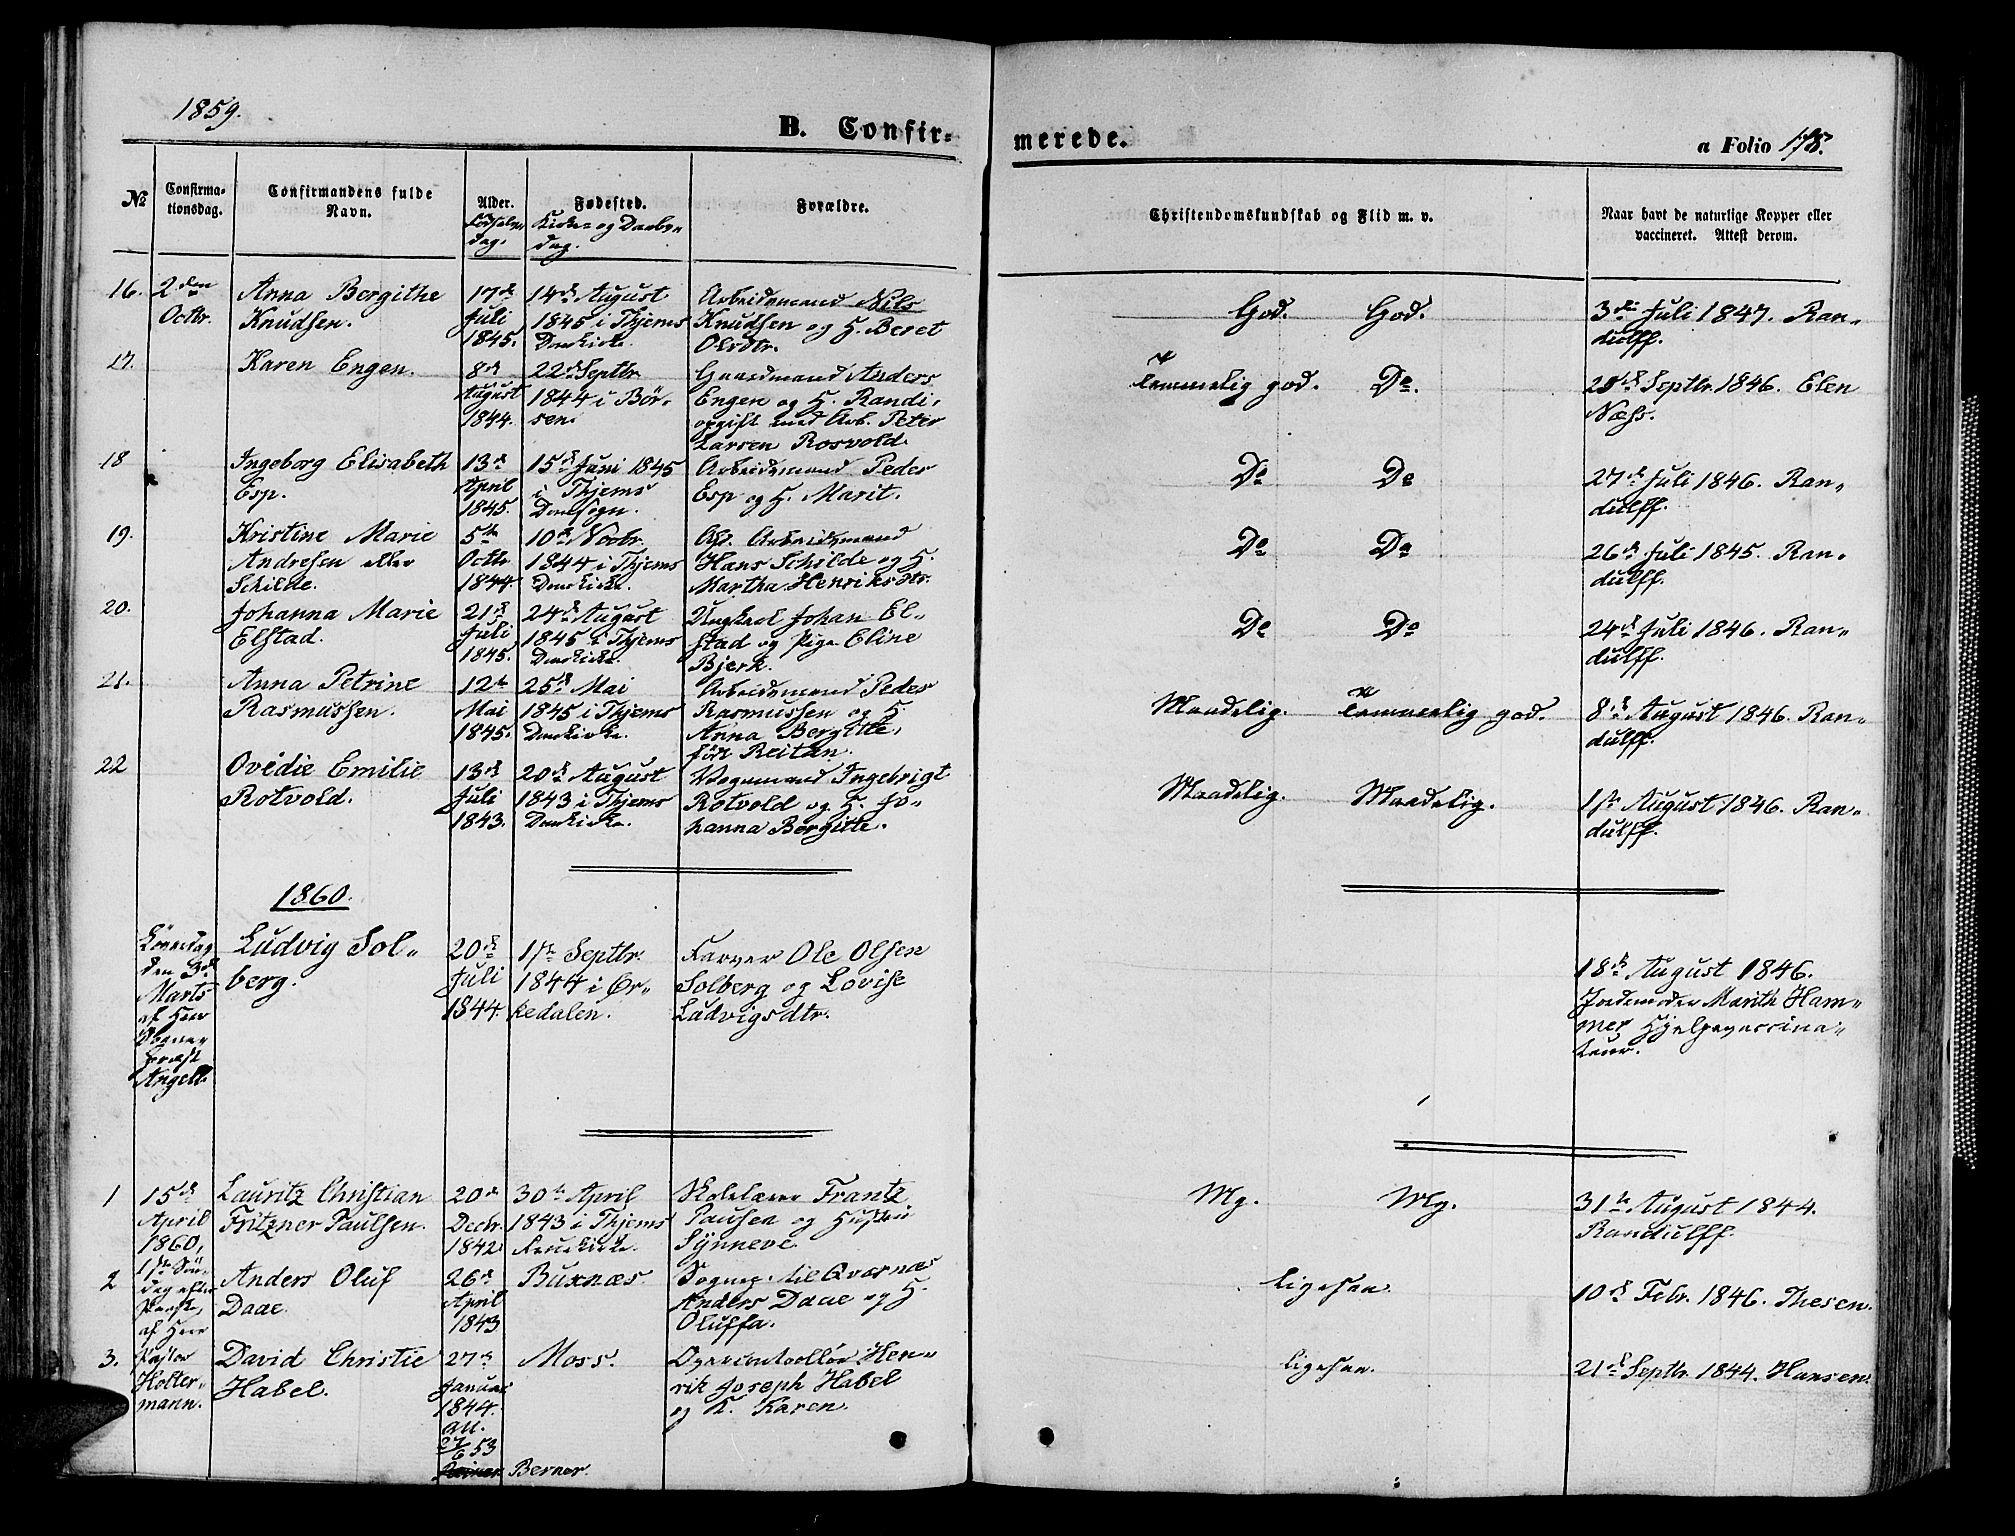 SAT, Ministerialprotokoller, klokkerbøker og fødselsregistre - Sør-Trøndelag, 602/L0139: Klokkerbok nr. 602C07, 1859-1864, s. 178